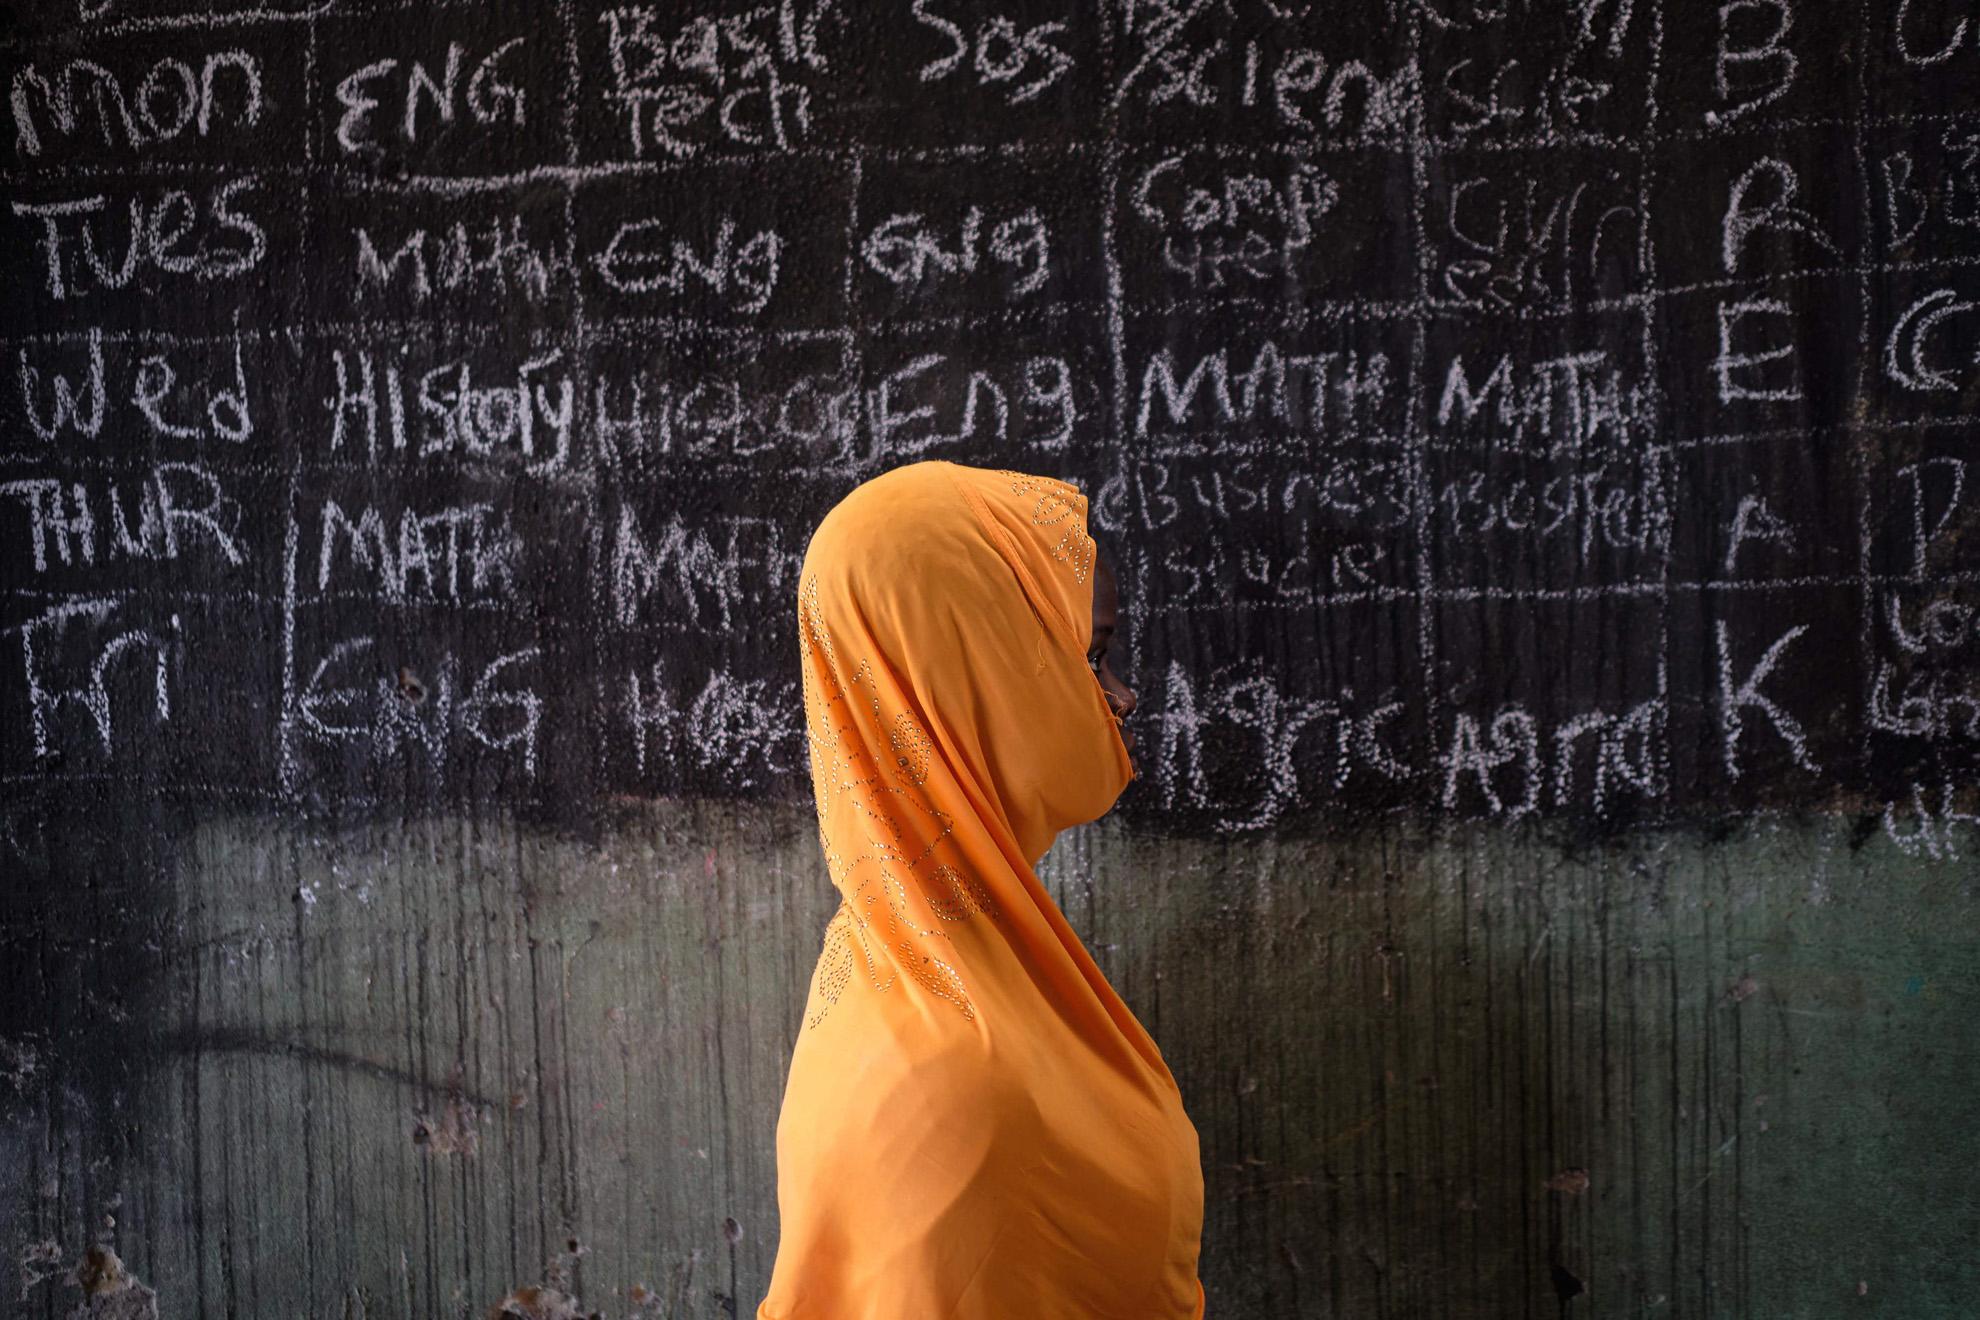 Ladi (nombre ficticio) tiene 16 años, nació en el noreste de Nigeria. Fue secuestrada por su tío, un simpatizante de Boko Haram. Se casó dos veces con dos combatientes de grupos terroristas que murieron en diferentes ataques a bases militares. Sin su marido para protegerla, fue atada con una bomba para detonar en una iglesia. Ella sobrevivió y pasa tiempo coleccionando bolígrafos, ya que cree que el bolígrafo es más poderoso que la espada. Quiere convertirse en escritora. Vive en Biu.